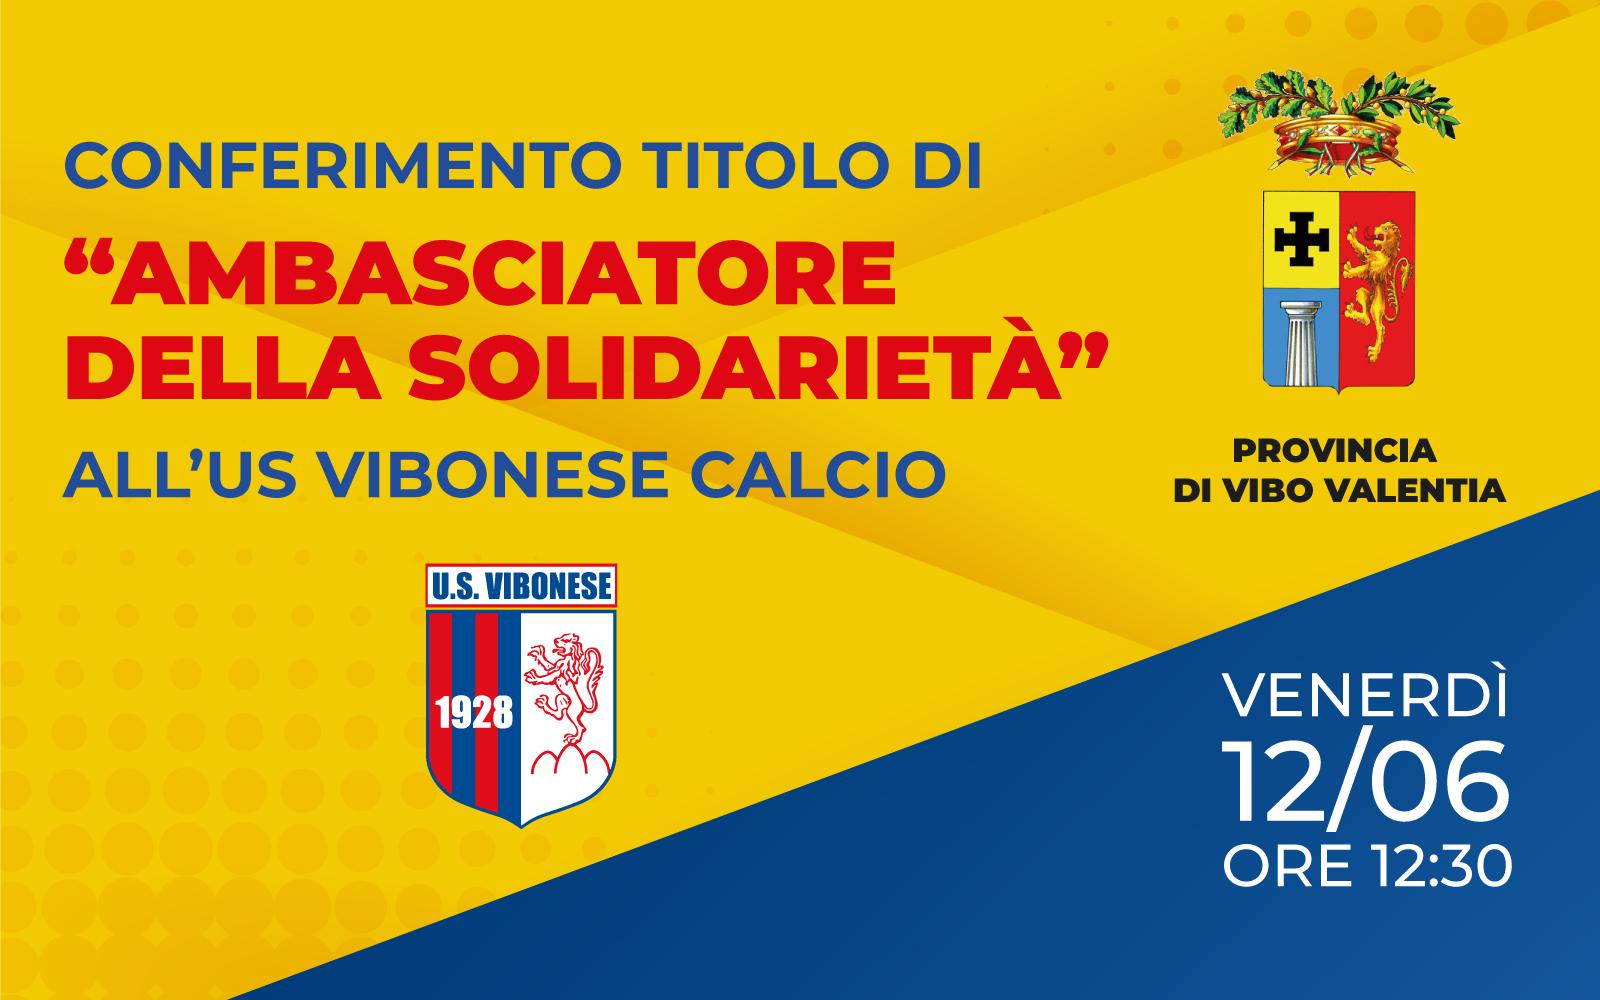 AMBASCIATRICE DELLA SOLIDARIETÀ | Onorificenza per la Vibonese immagine 14818 US Vibonese Calcio